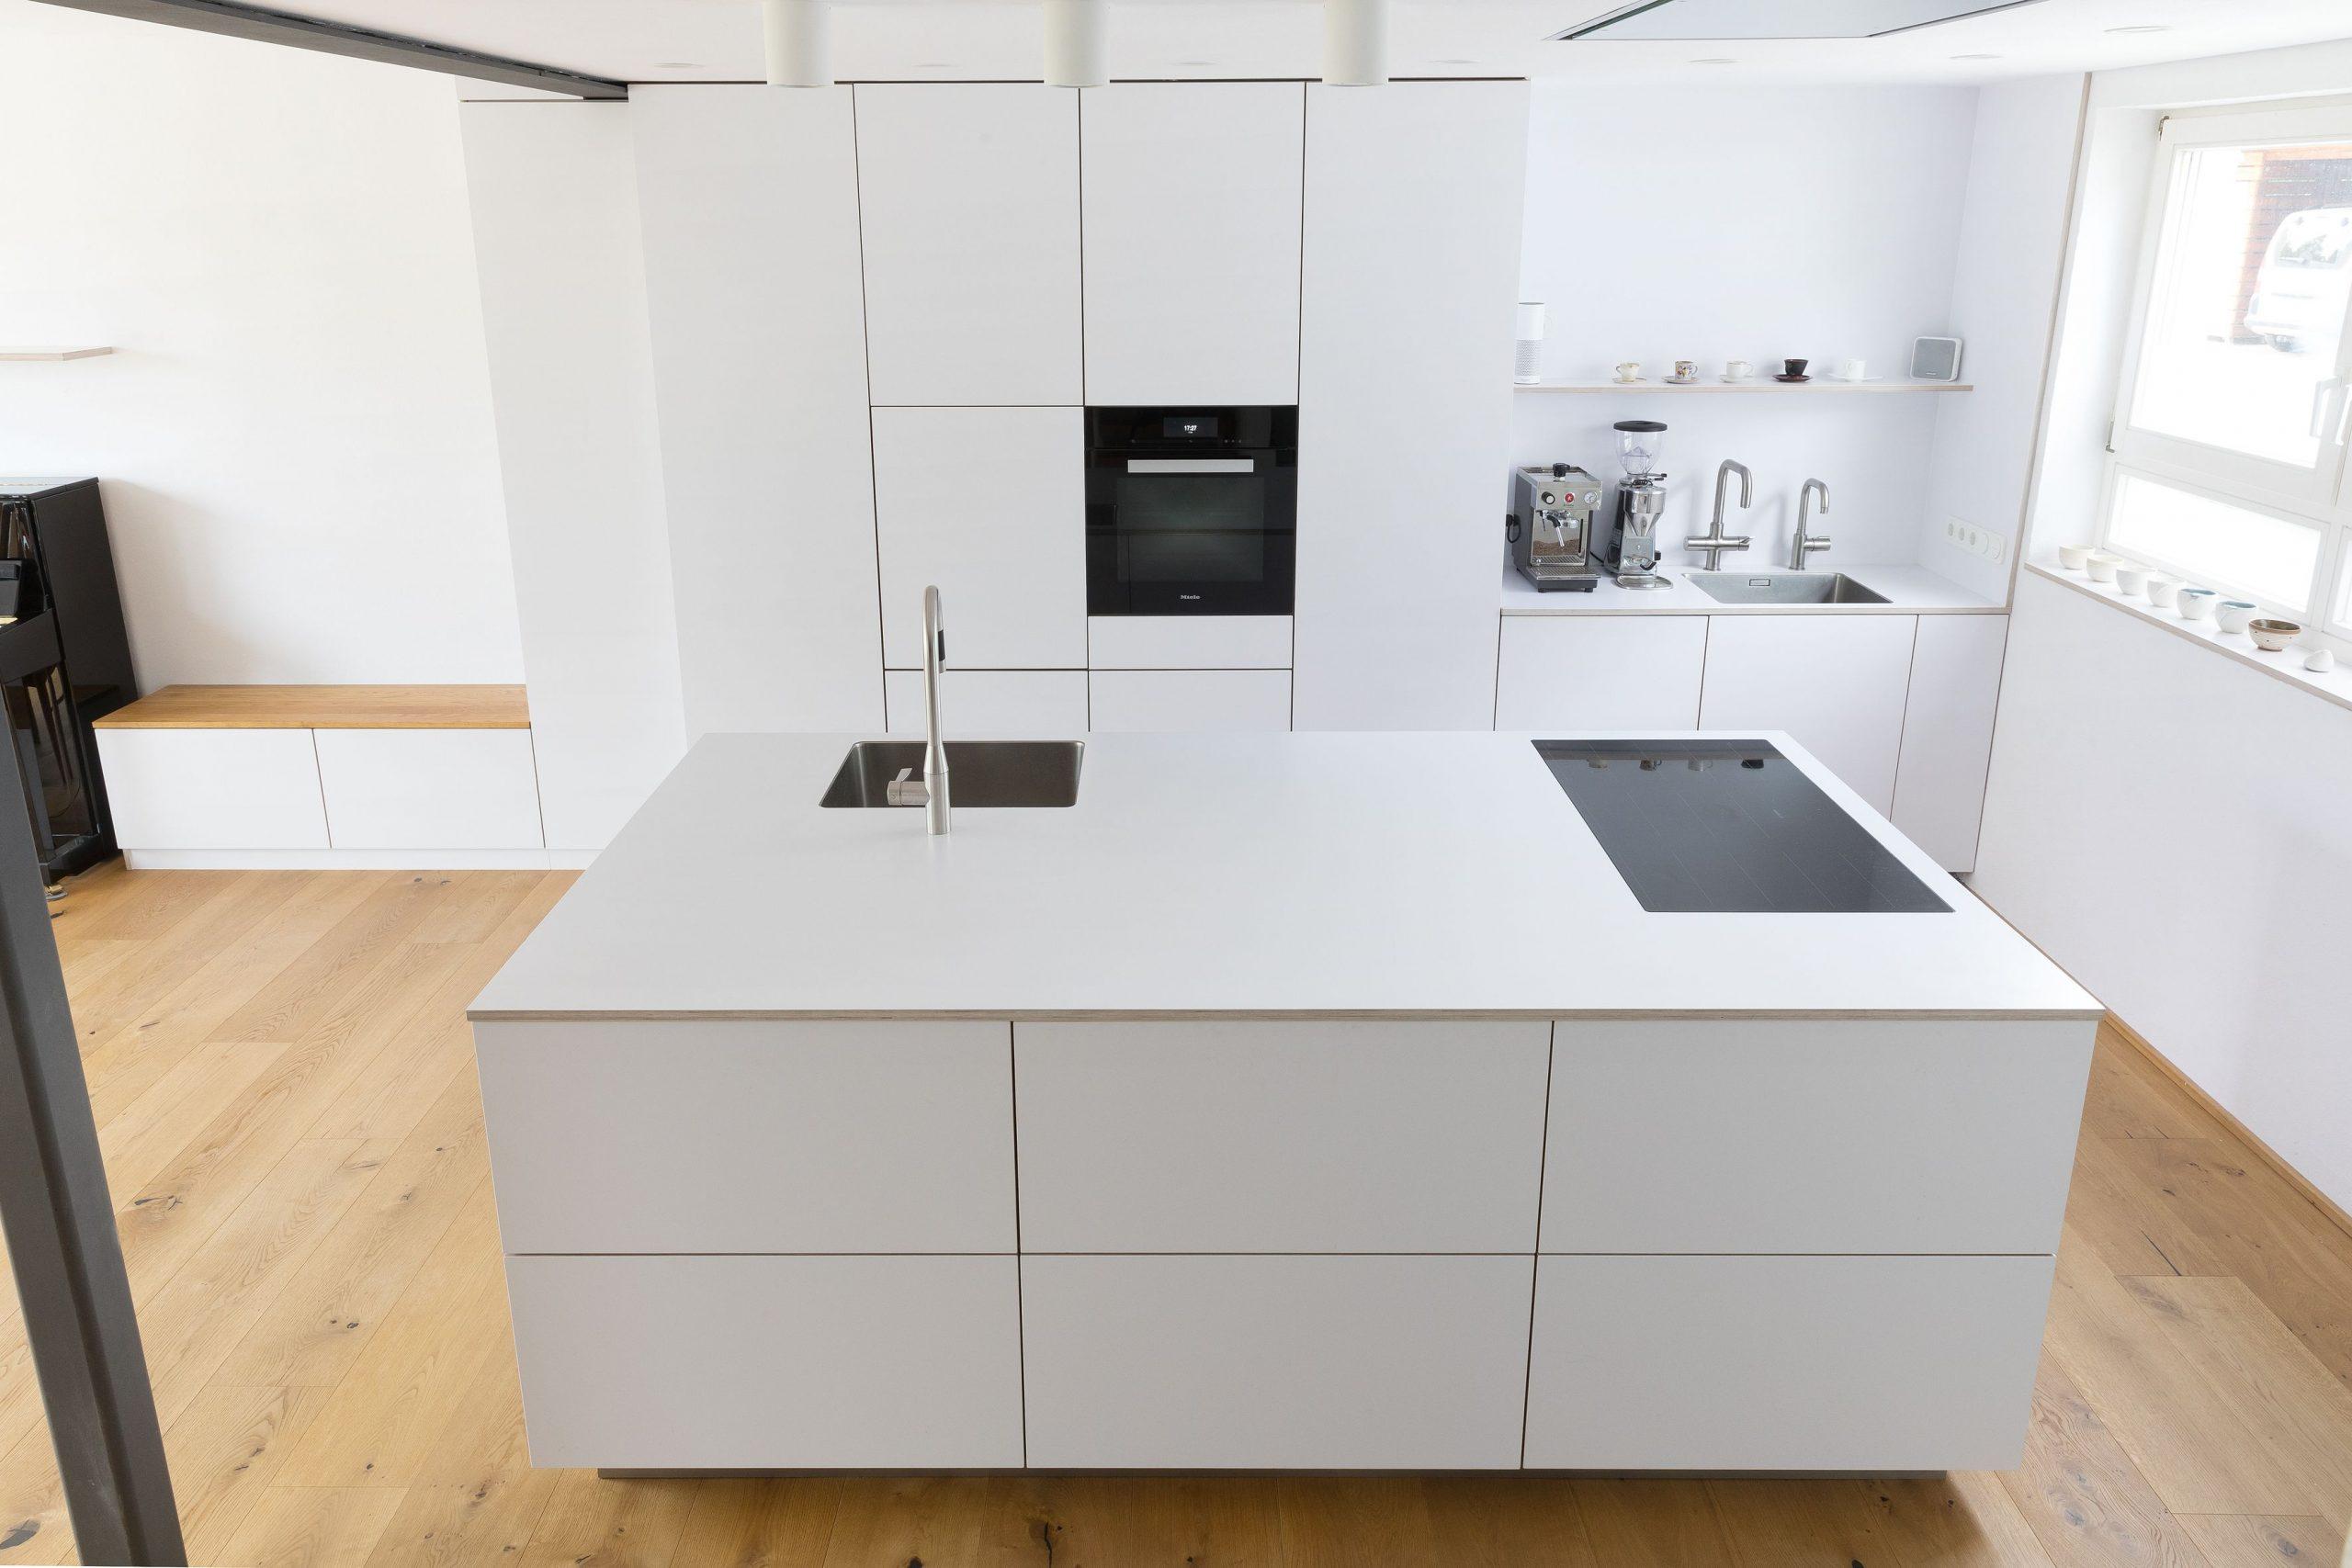 Full Size of Arbeitsplatte Küche Planen Nobilia Küche Planen Offene Küche Planen Dachgeschoss Küche Planen Küche Küche Planen